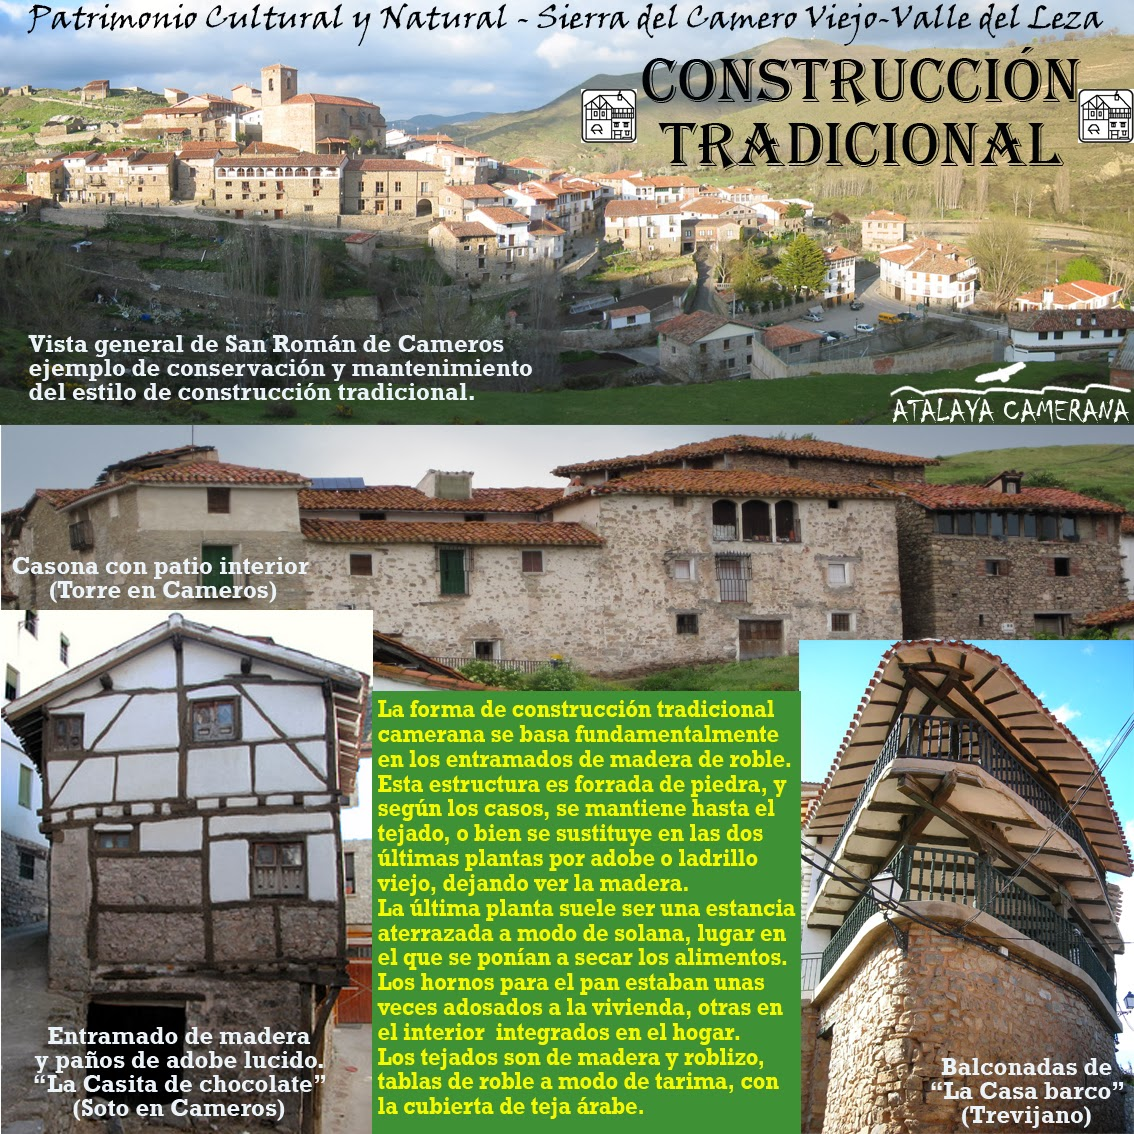 Sierra del Camero Viejo - Valle del Leza. Patrimonio Cultural y Natural. Fundaciones Construcciones Tradicionales.